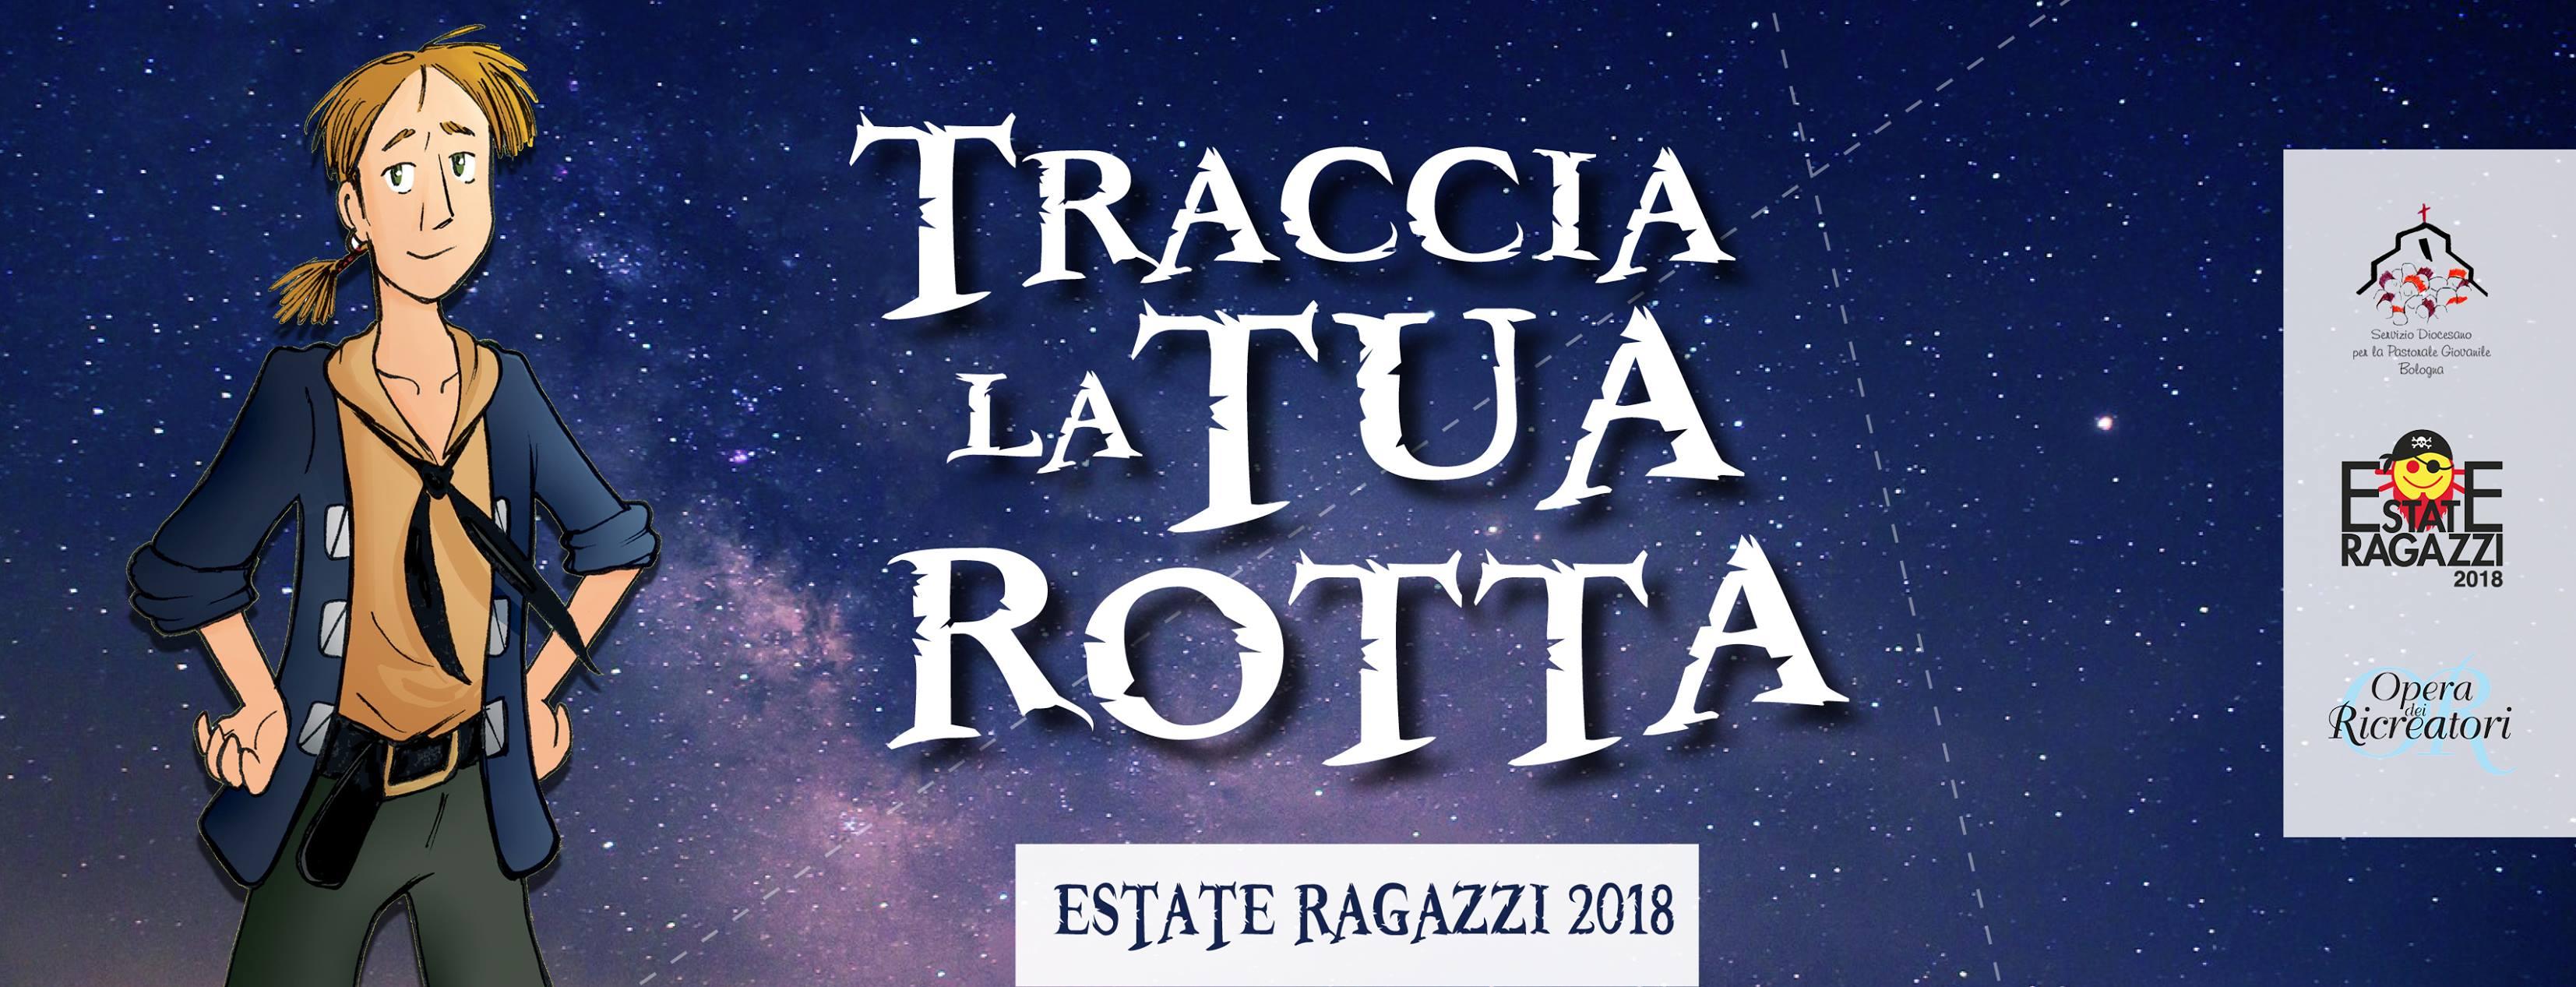 Le Verdi Note cantano l'inno di Estate Ragazzi 2018